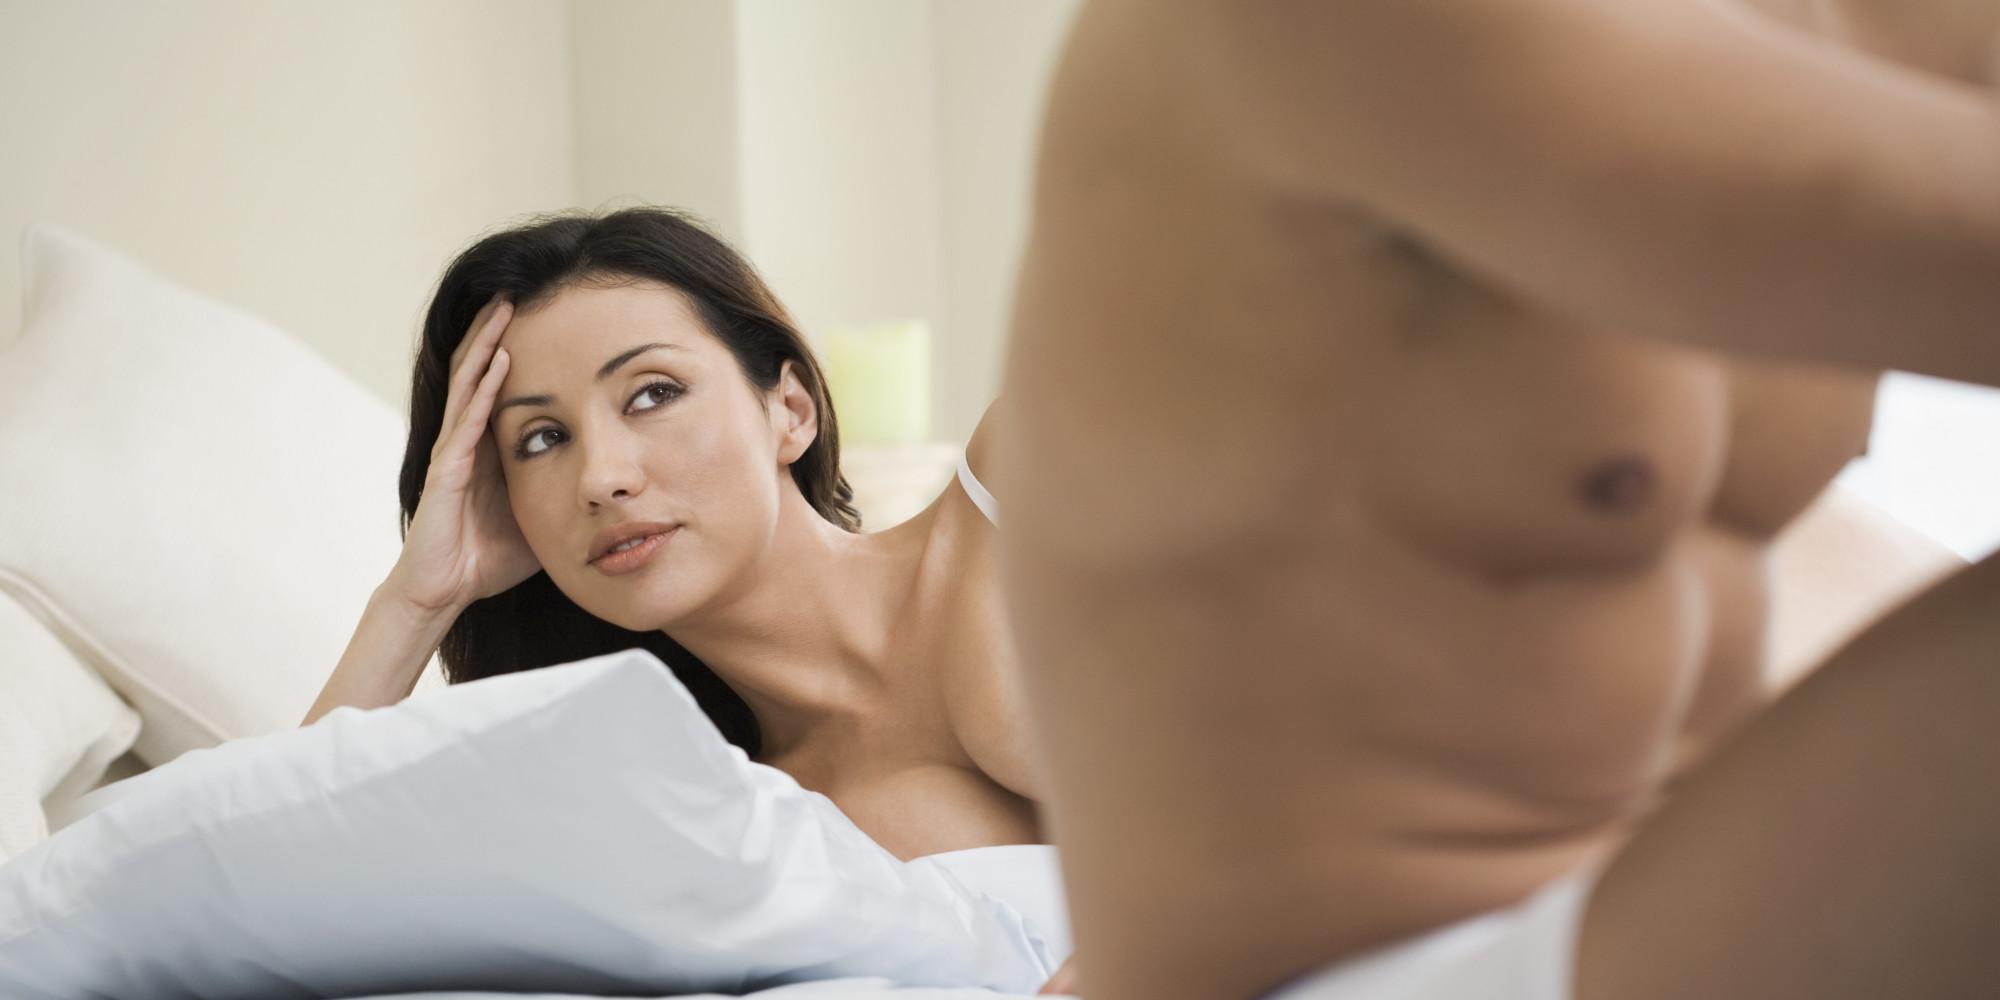 fetish strict ladies images